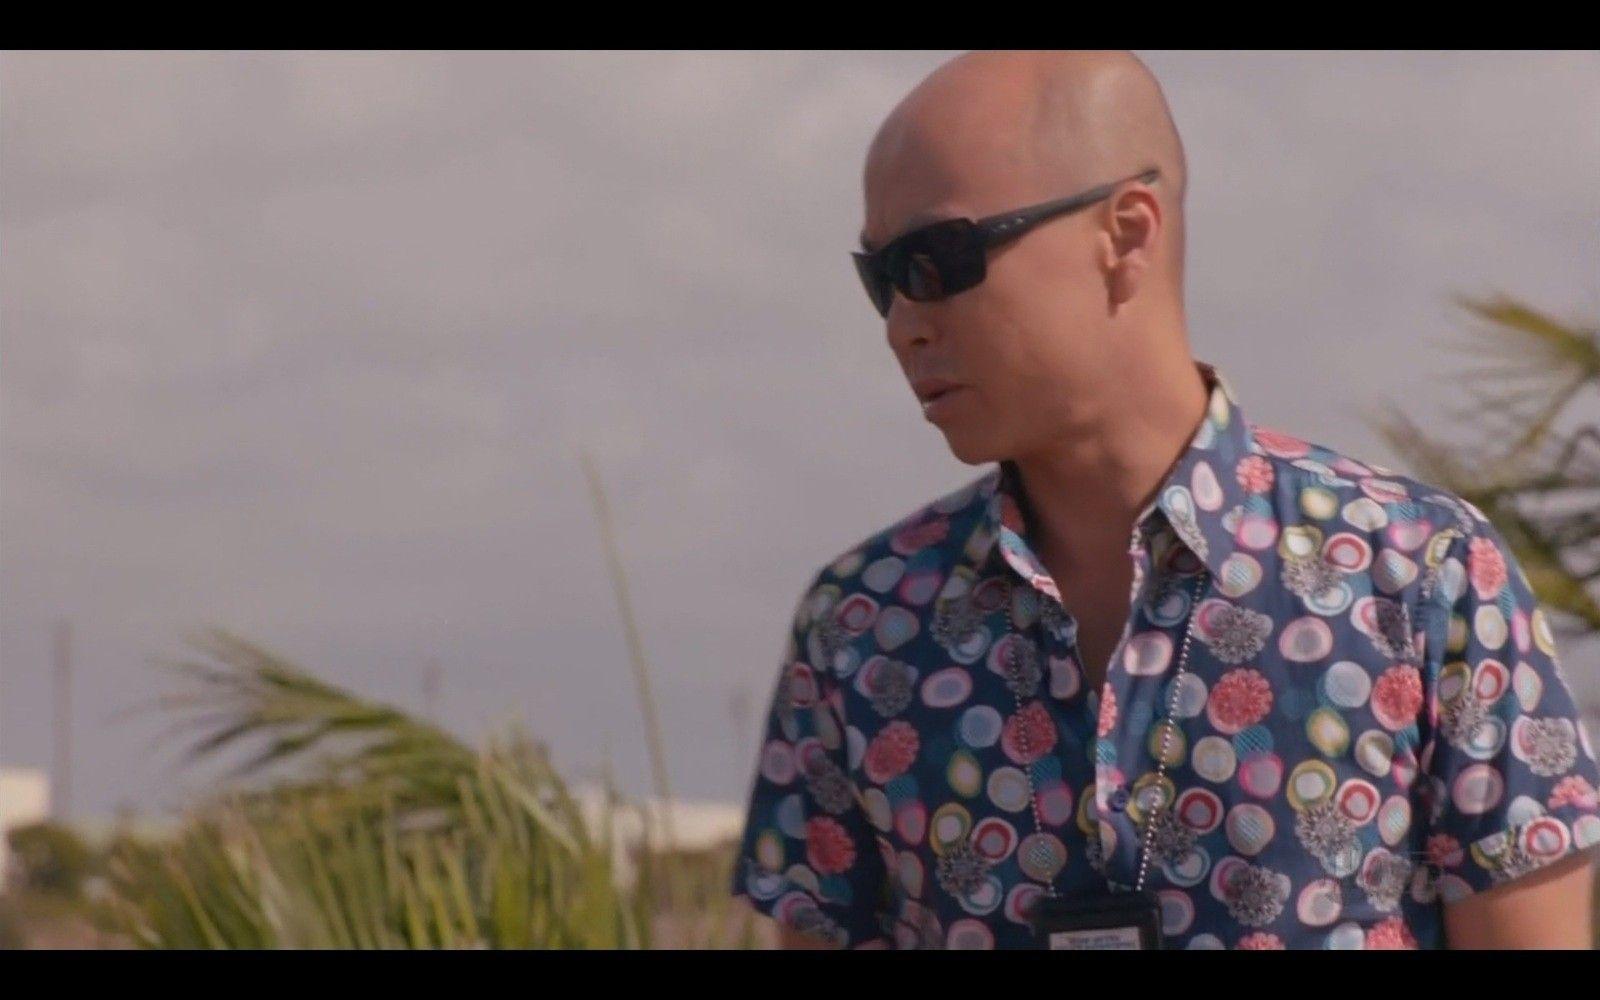 Sunglases Vince Wears In Dexter? - fNb7Q.jpg